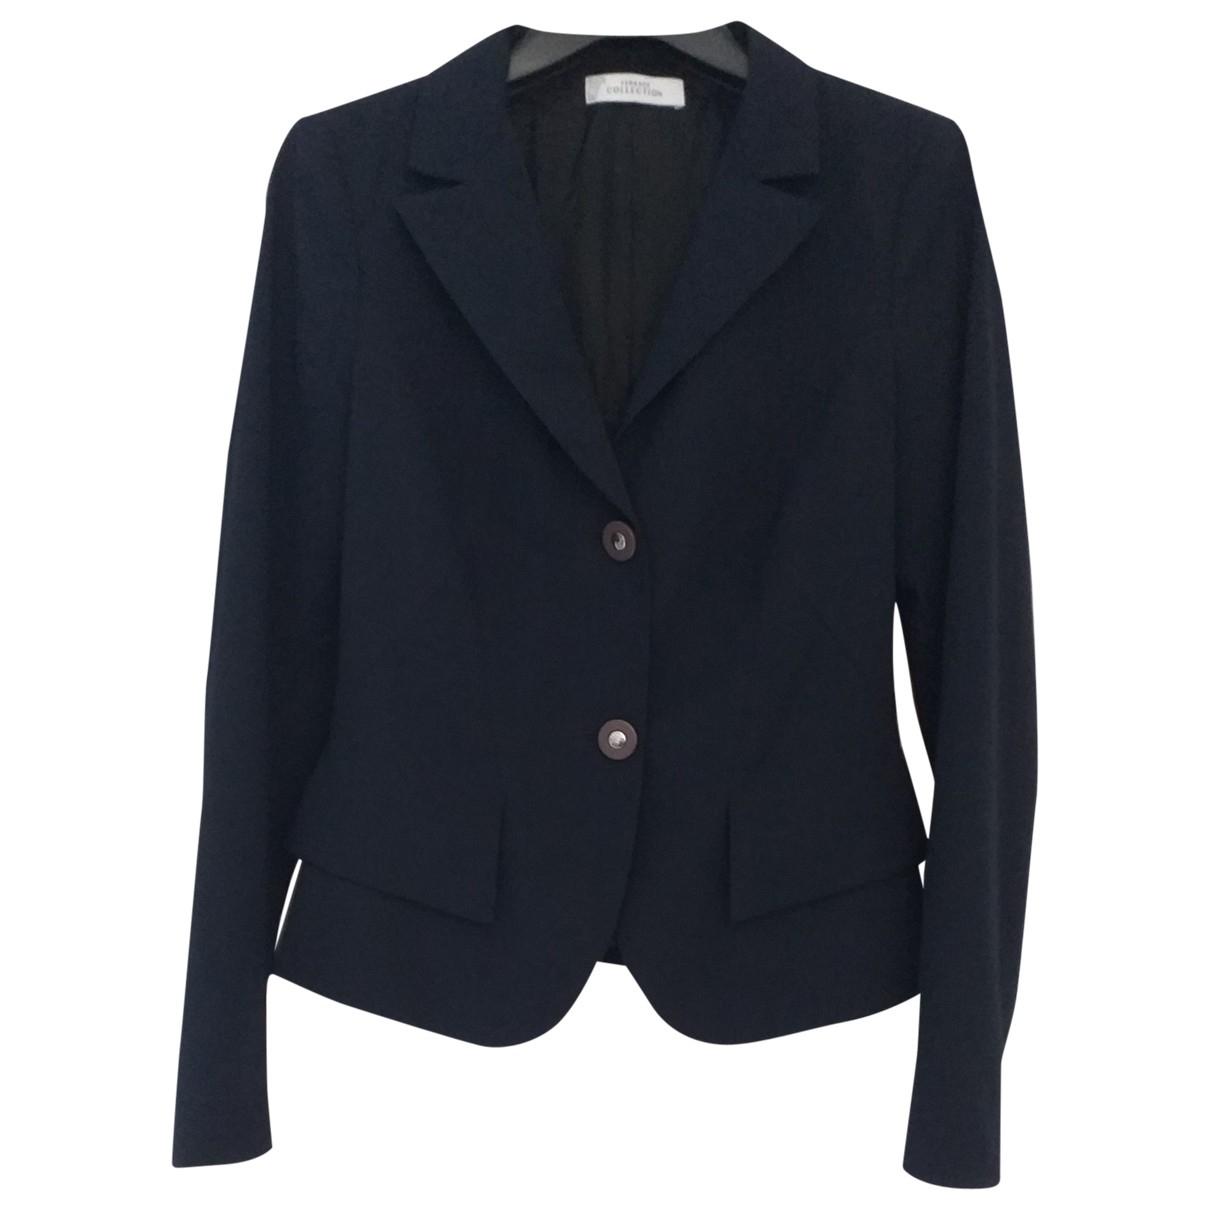 Gianni Versace - Veste   pour femme - bleu